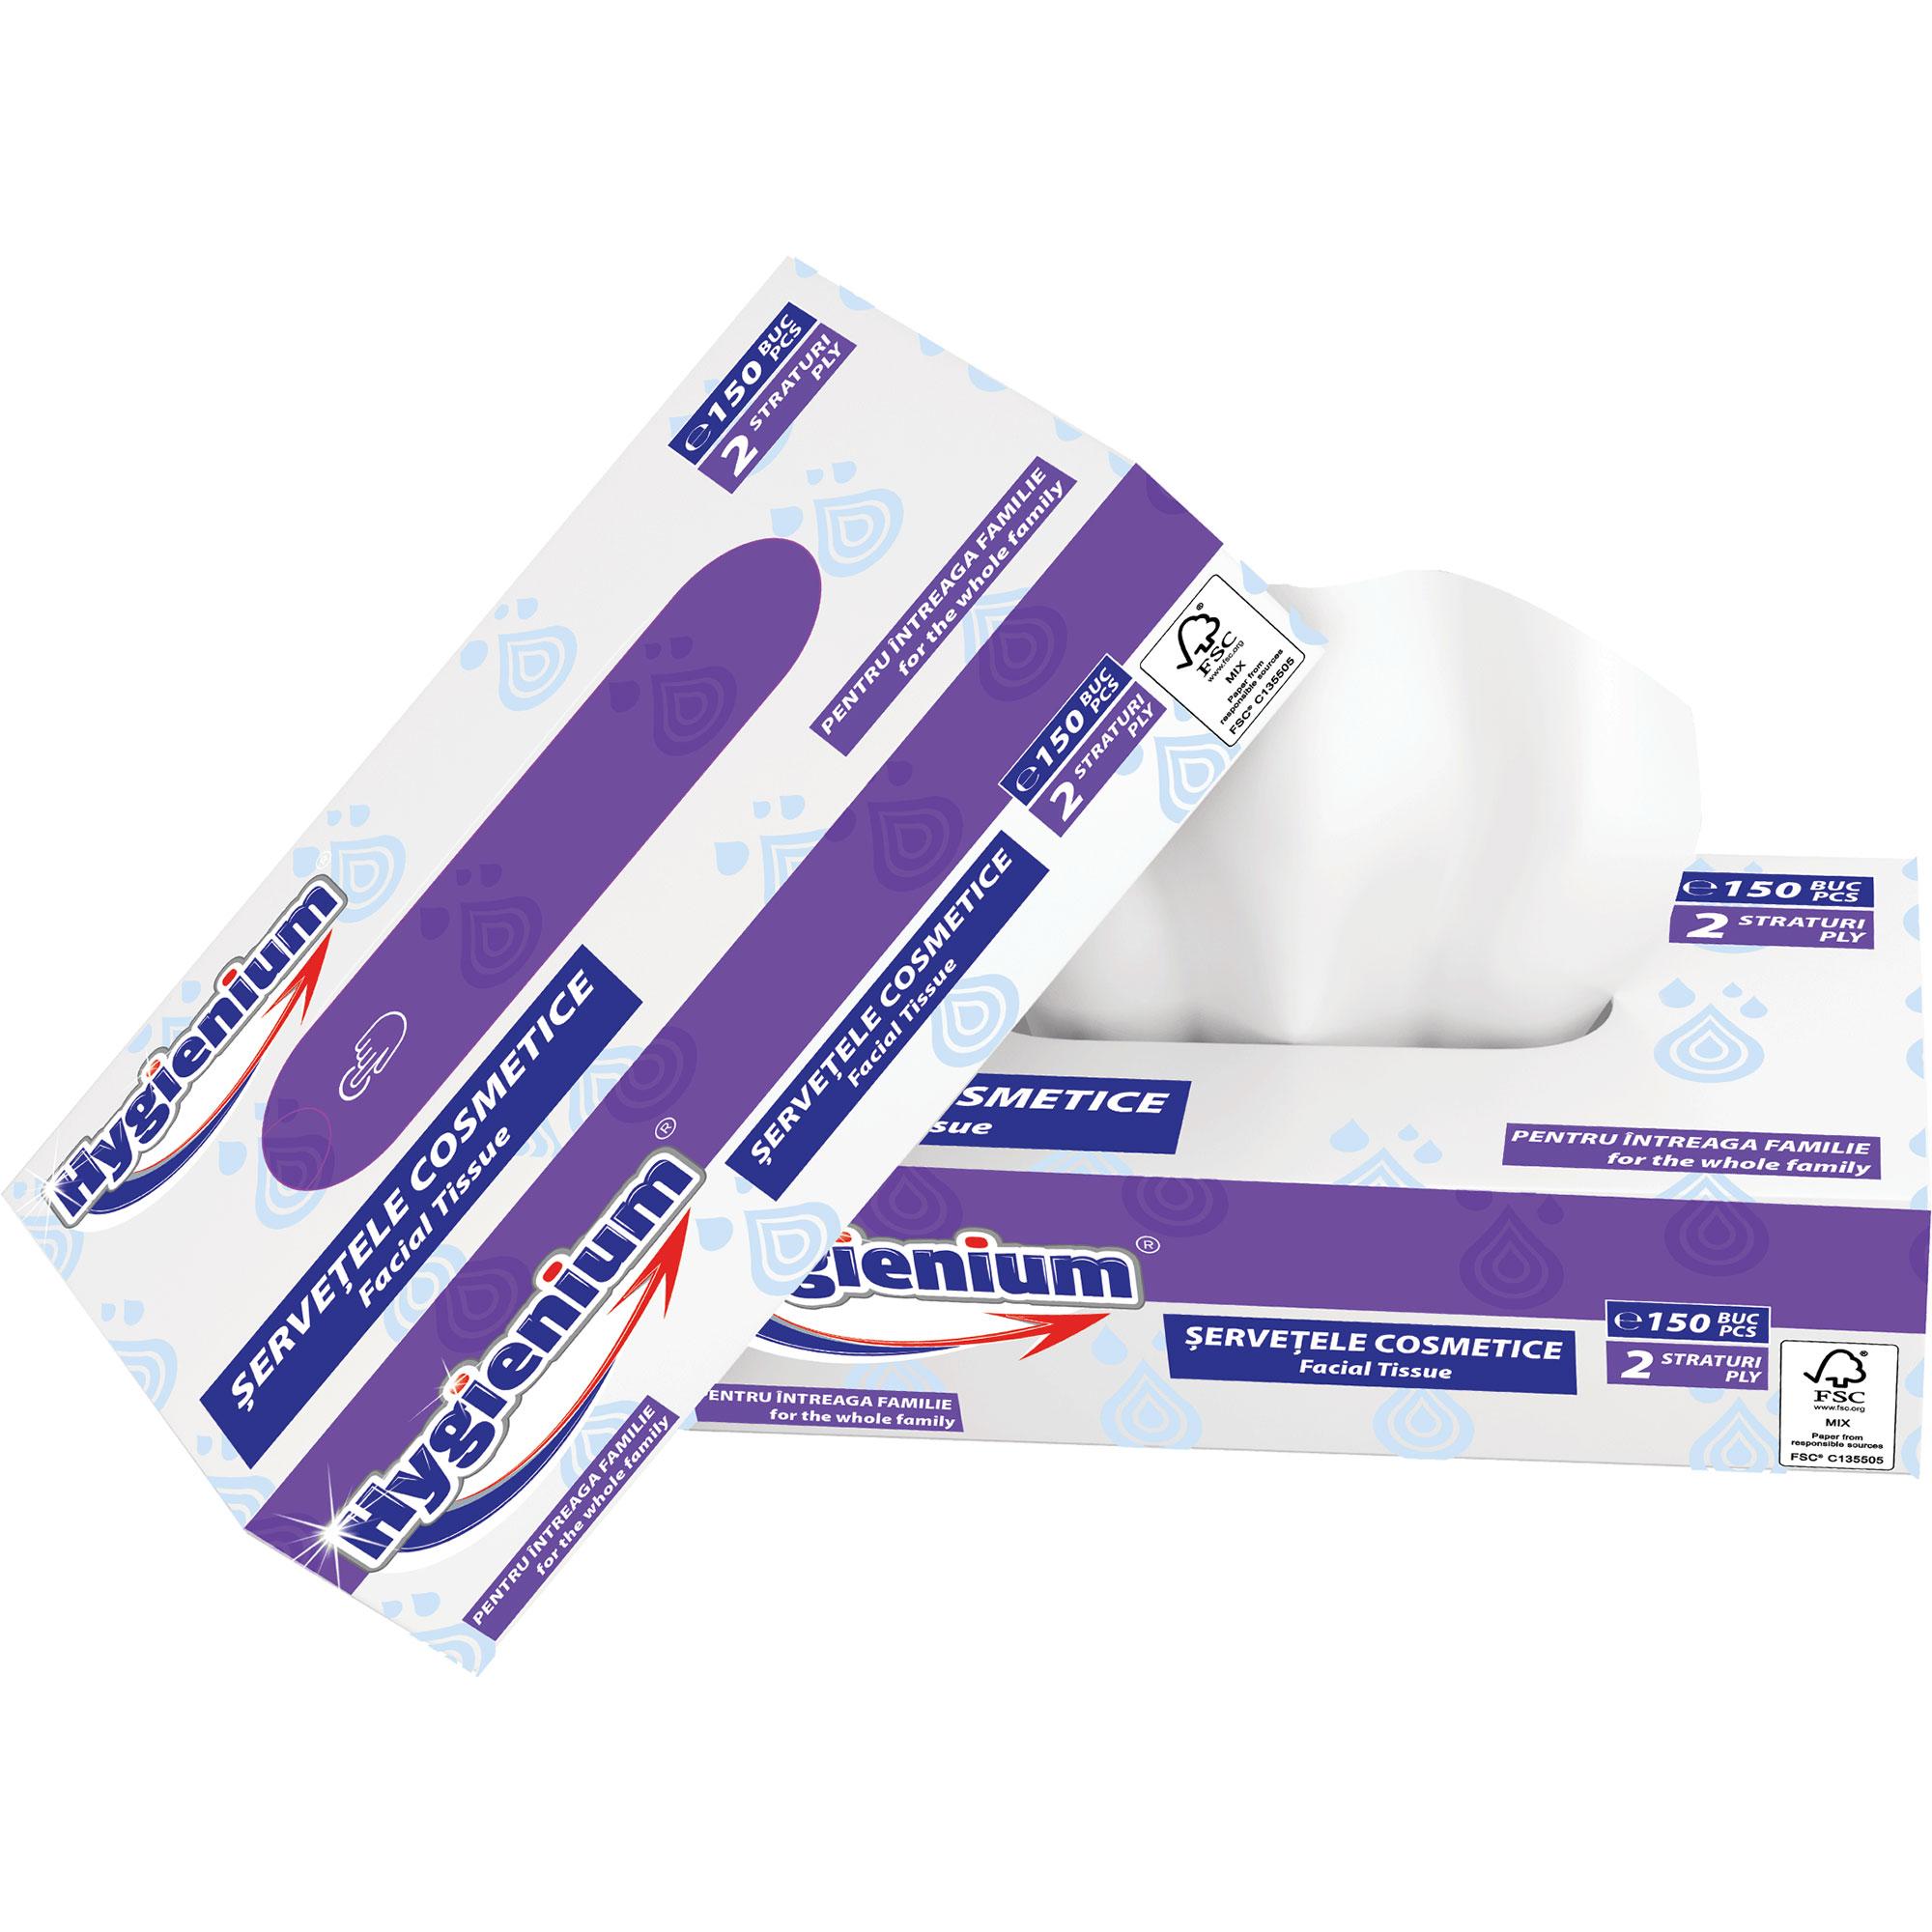 Hygienium servetele cosmetice